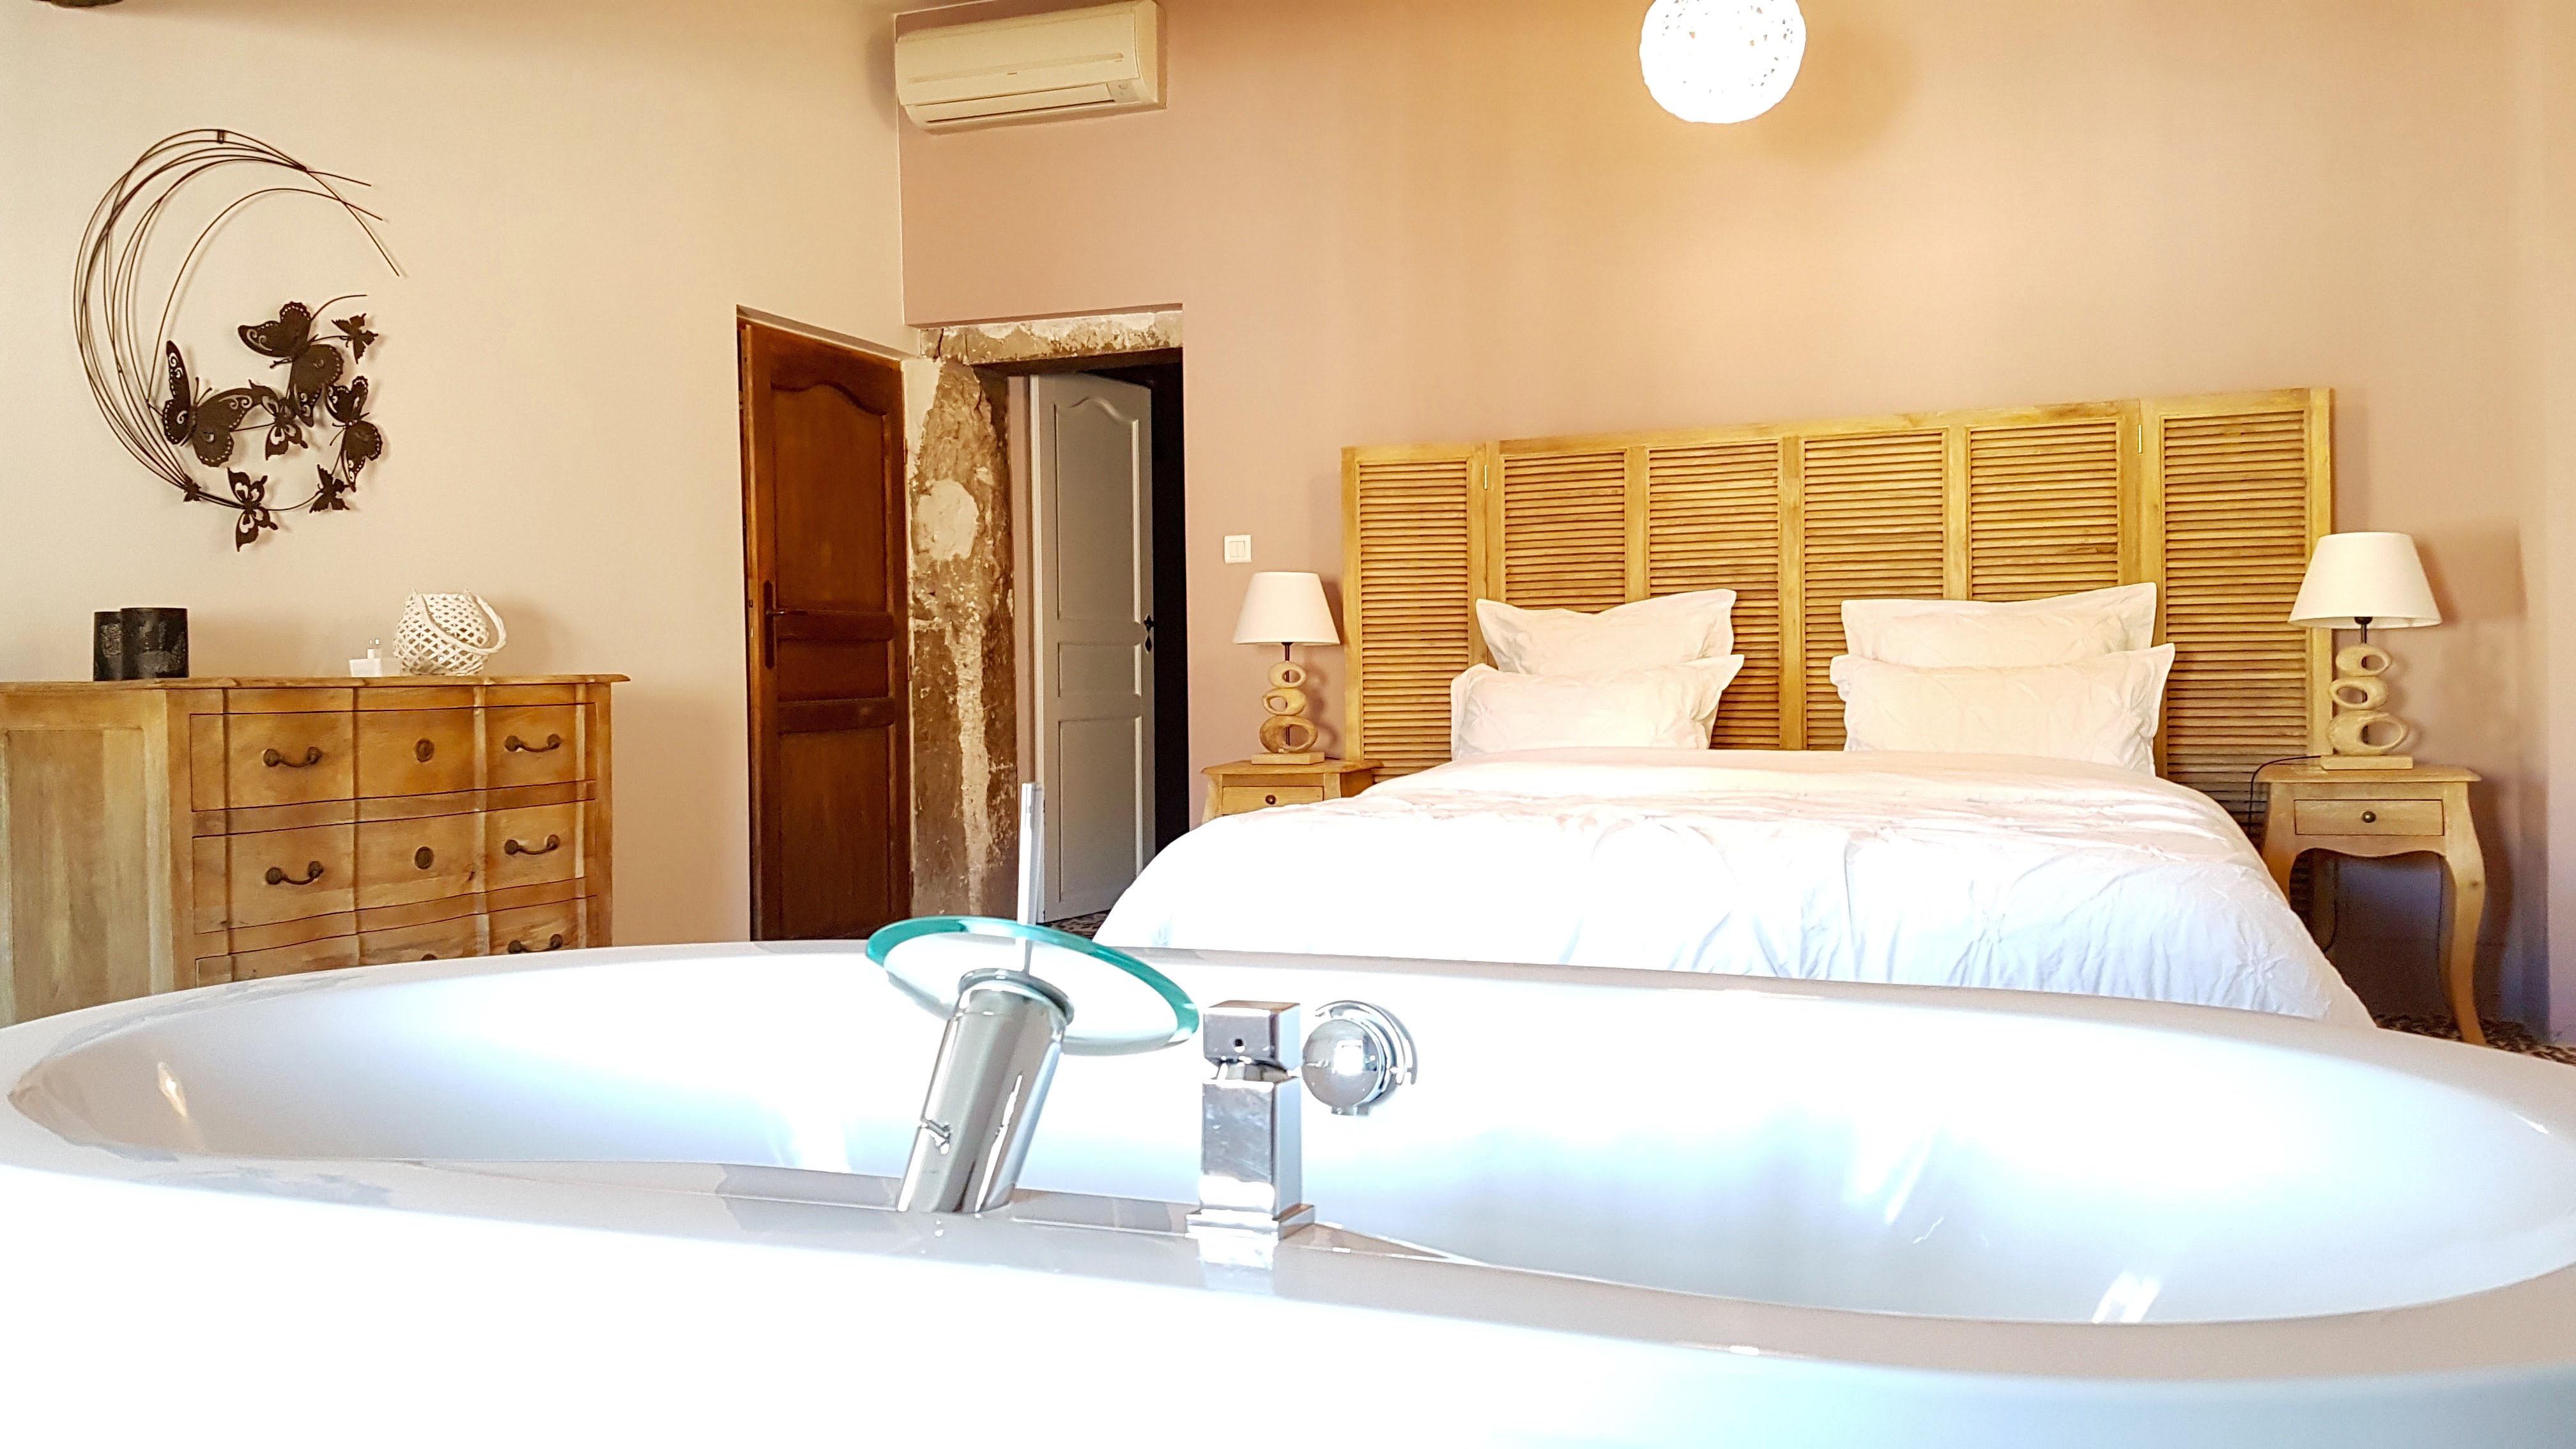 Suite de luxe en provence chambre d 39 h tes en provence - Chambre dhotes orange provence ...